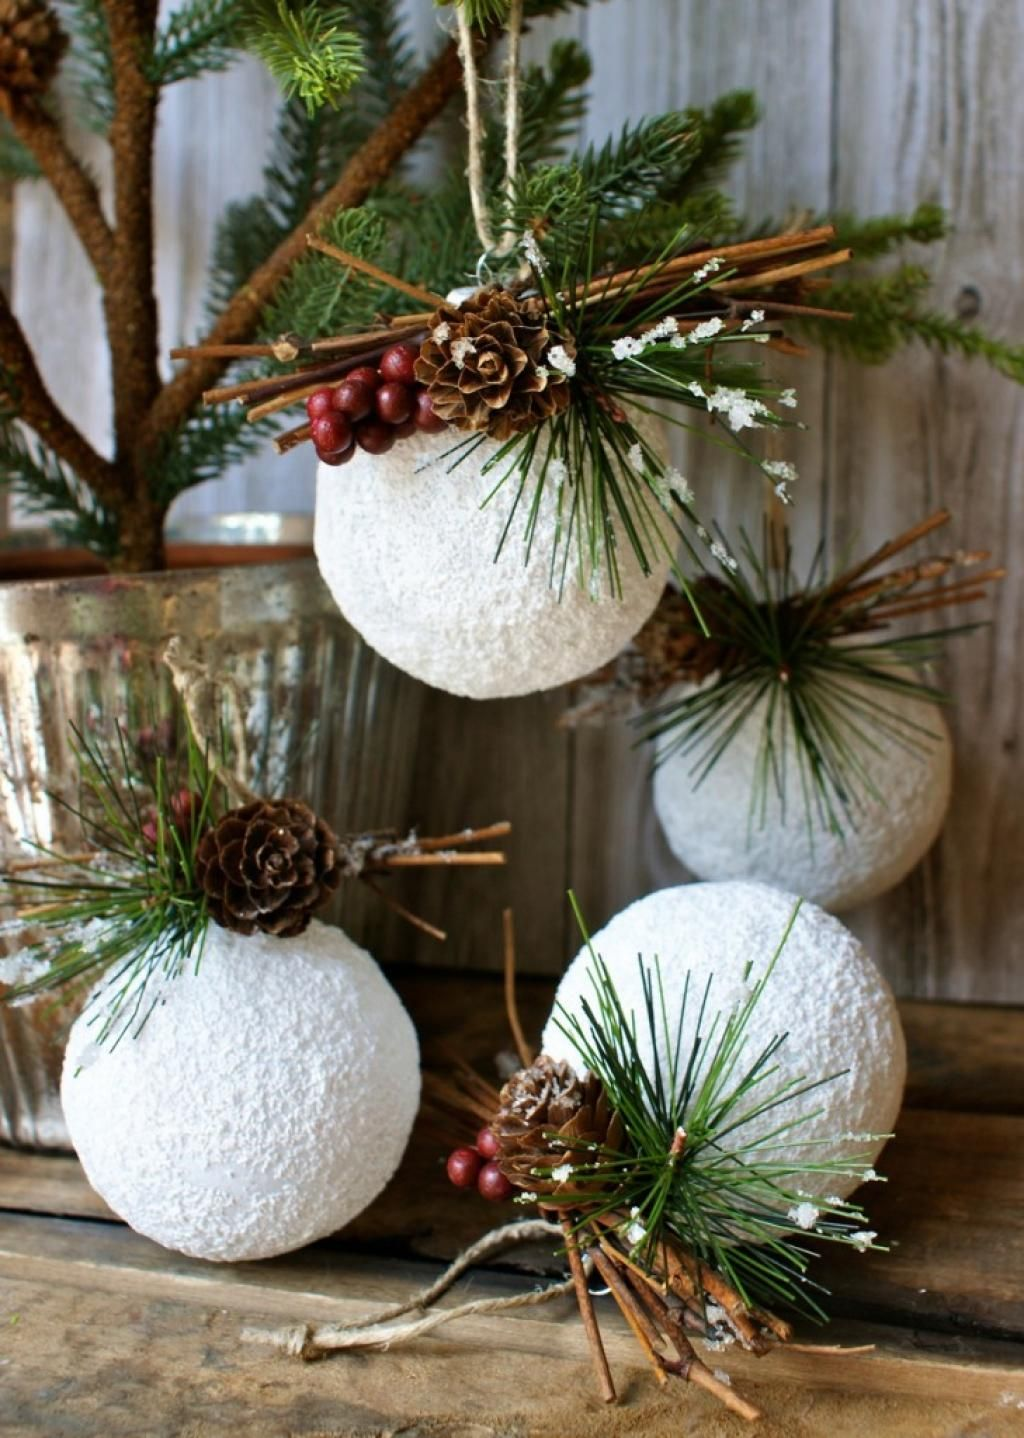 13 IDÉES GÉNIALES! Décorer Noël avec des boules de